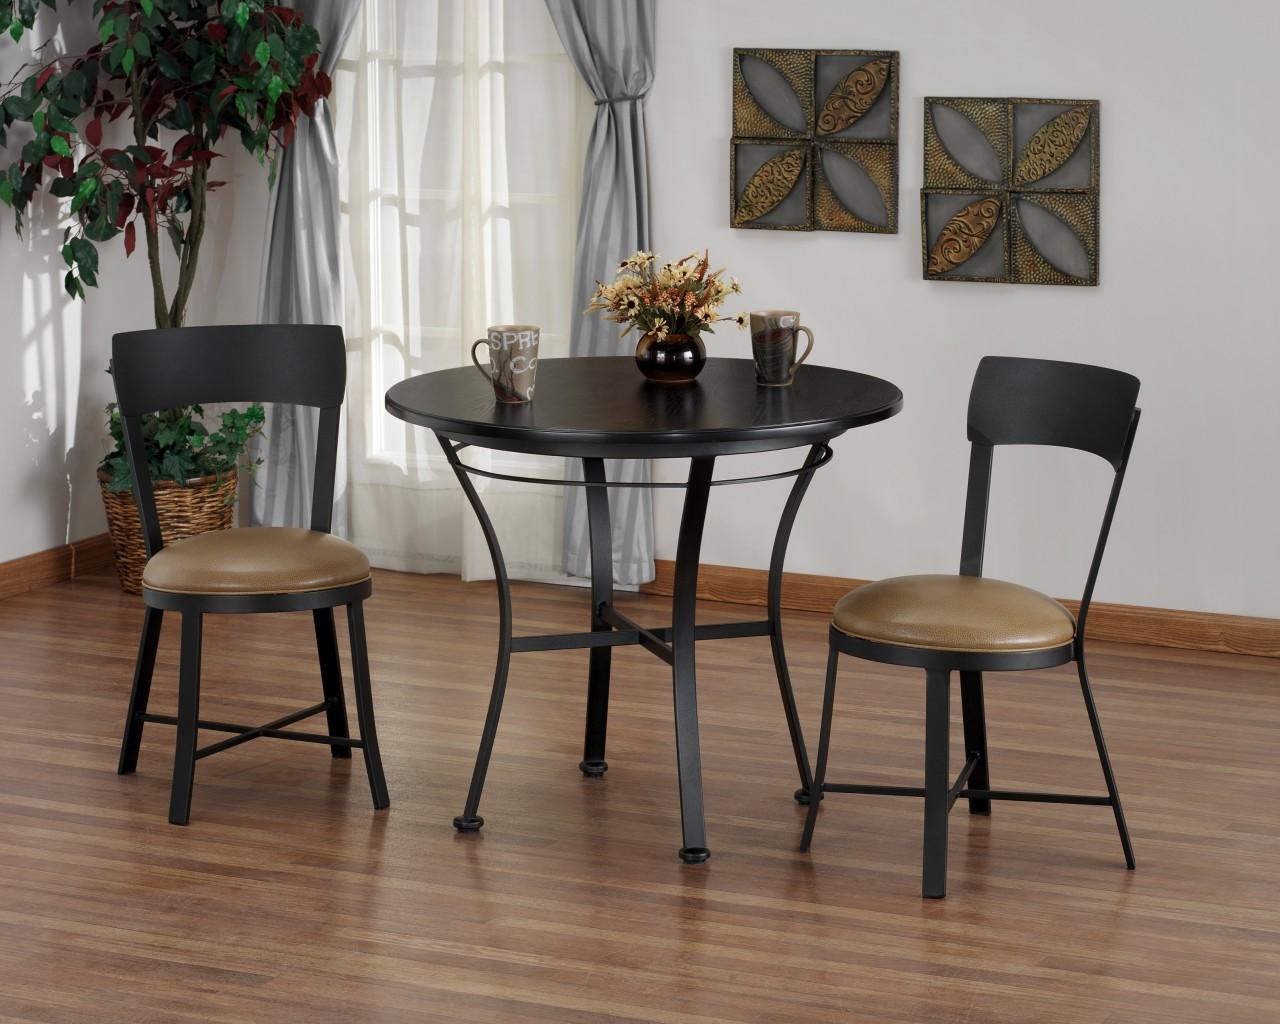 Images of Image of: Kitchen Bistro Set bistro sets for kitchen